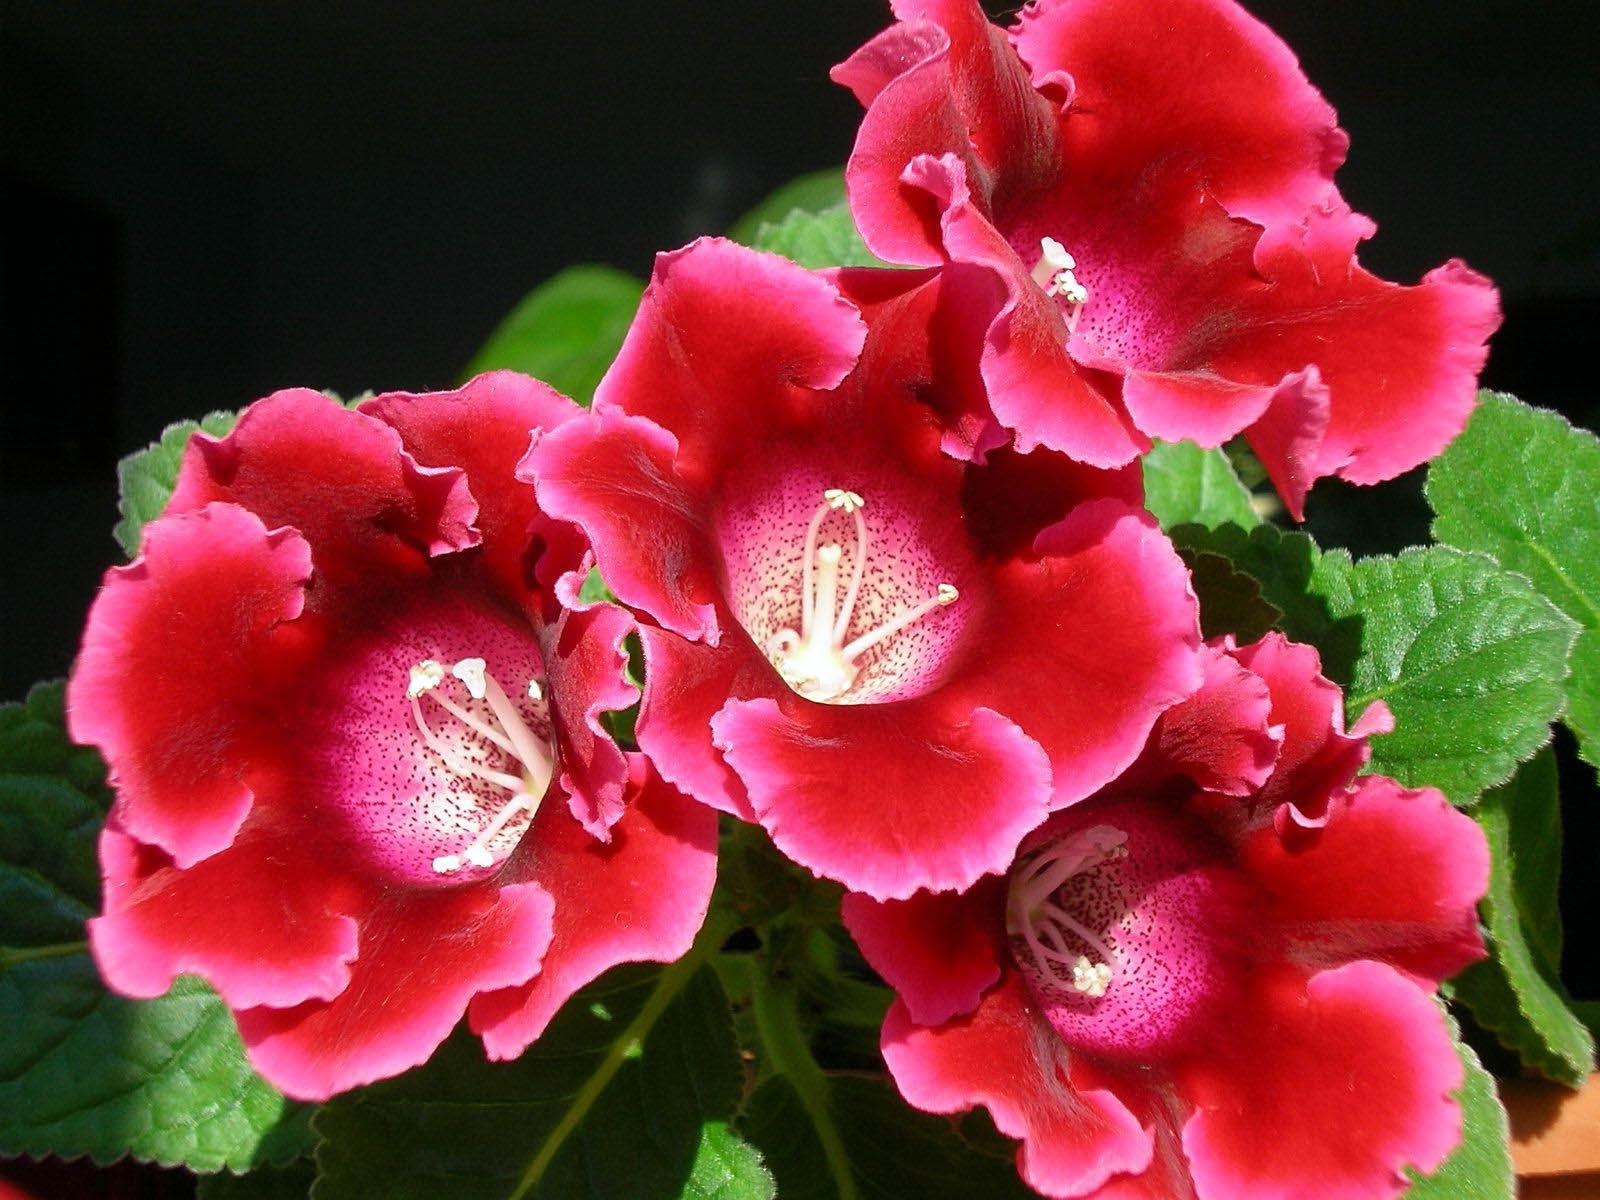 Все фото с цветами розового лилового цвета